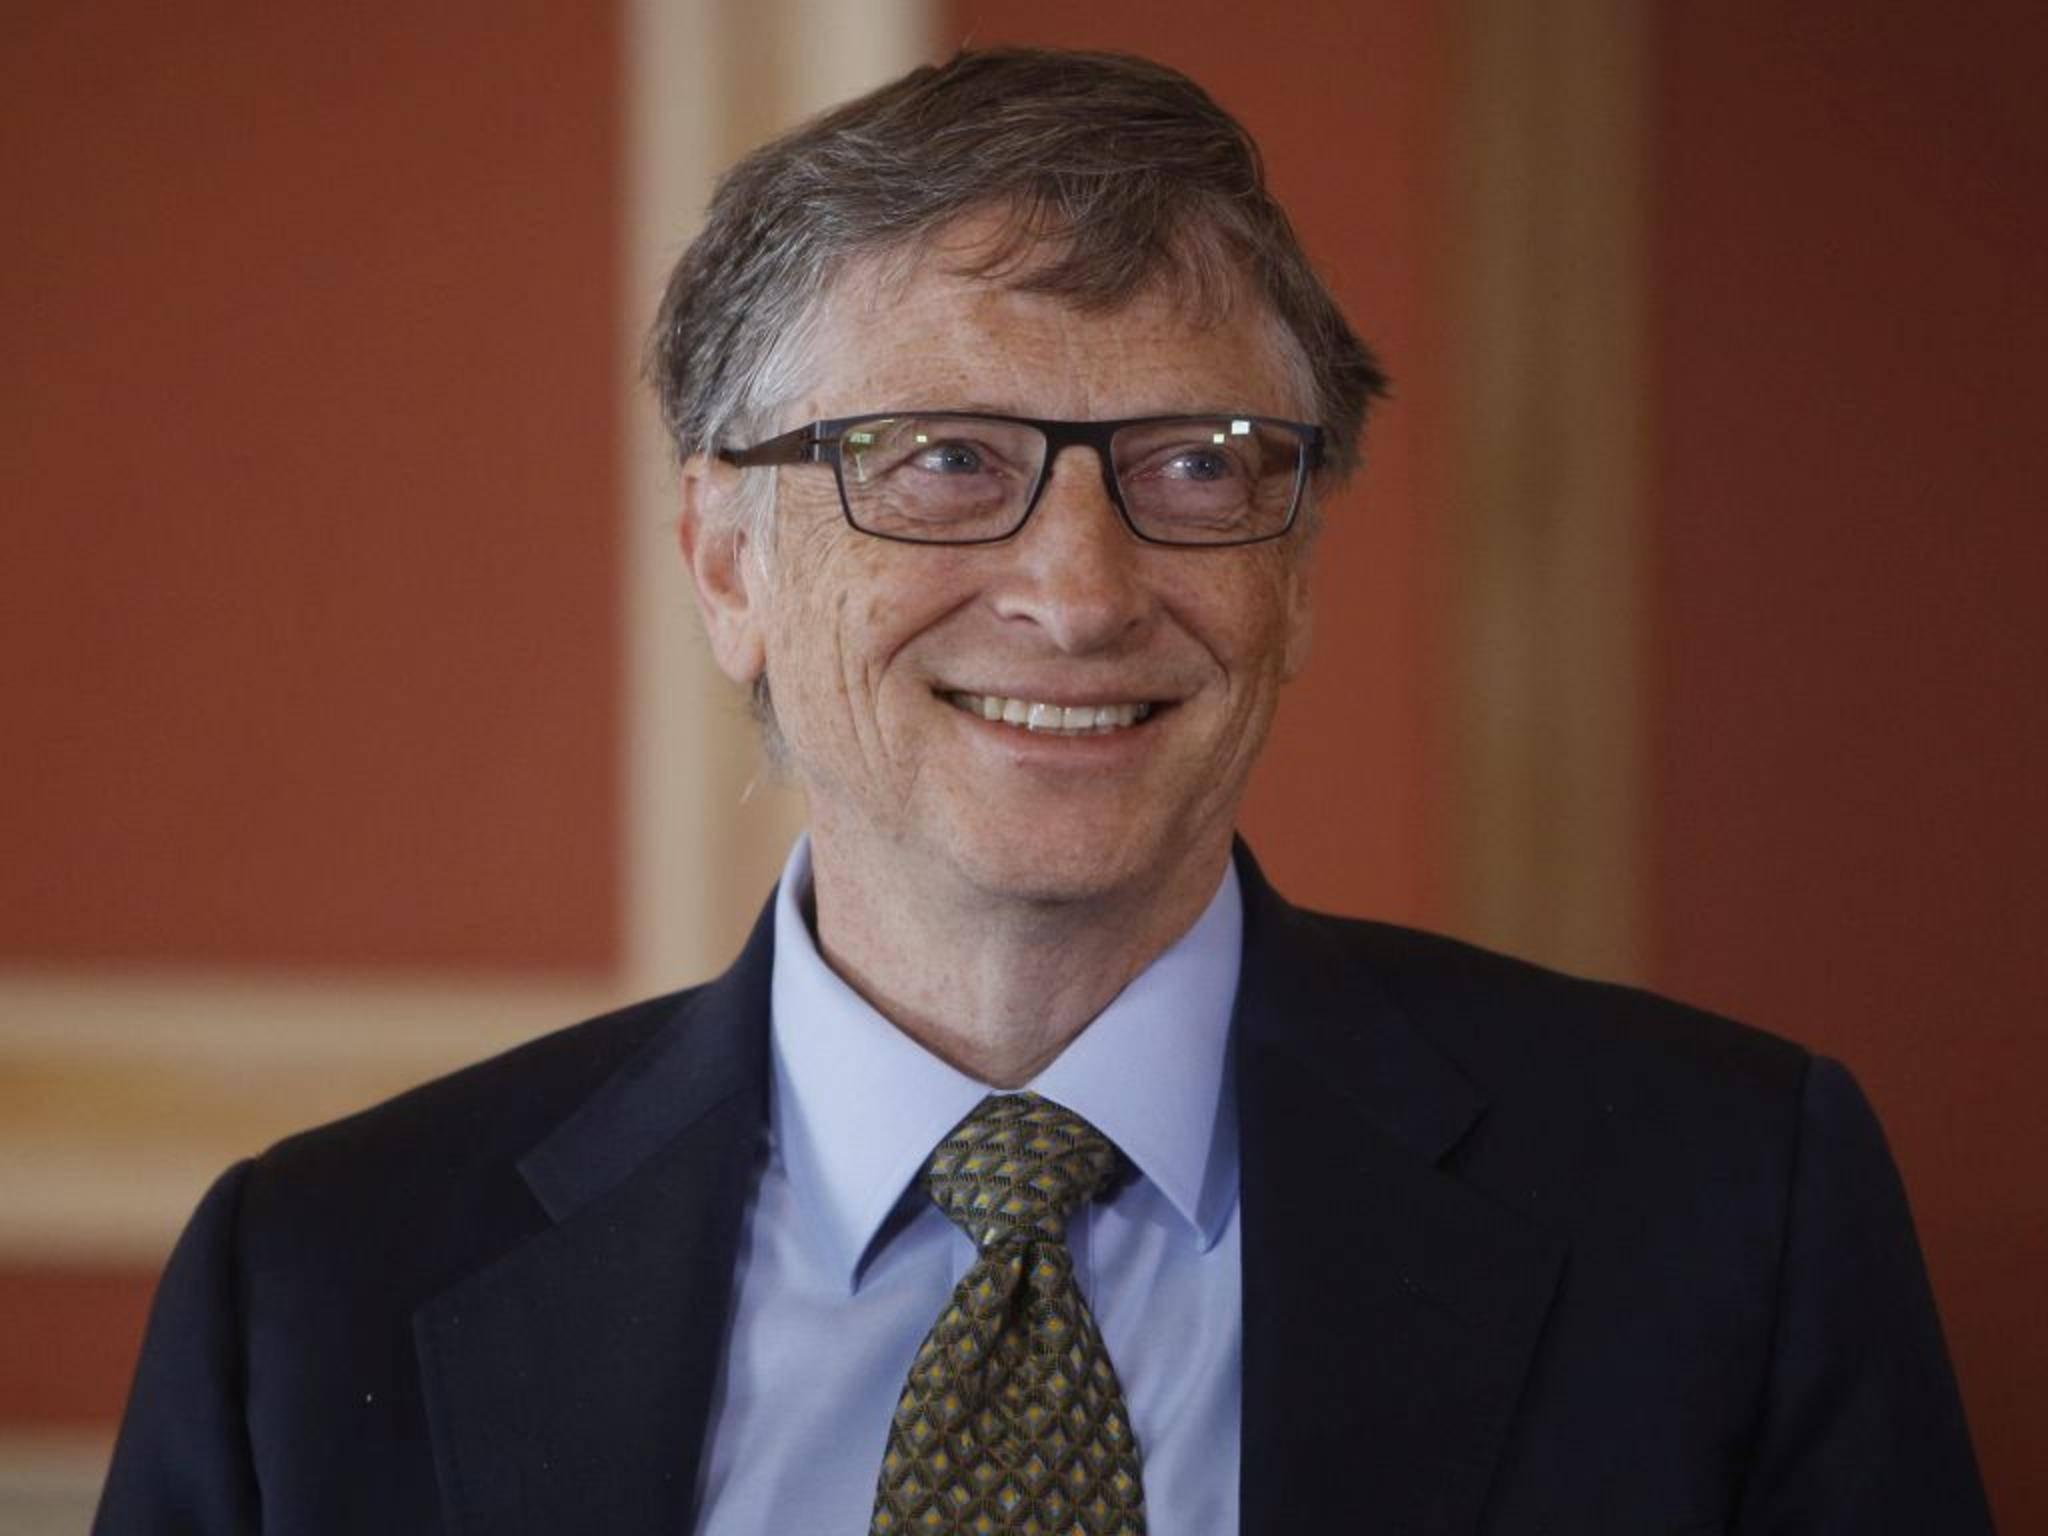 Hat gut lachen: Bill Gates ist wieder der reichste Mensch der Welt.